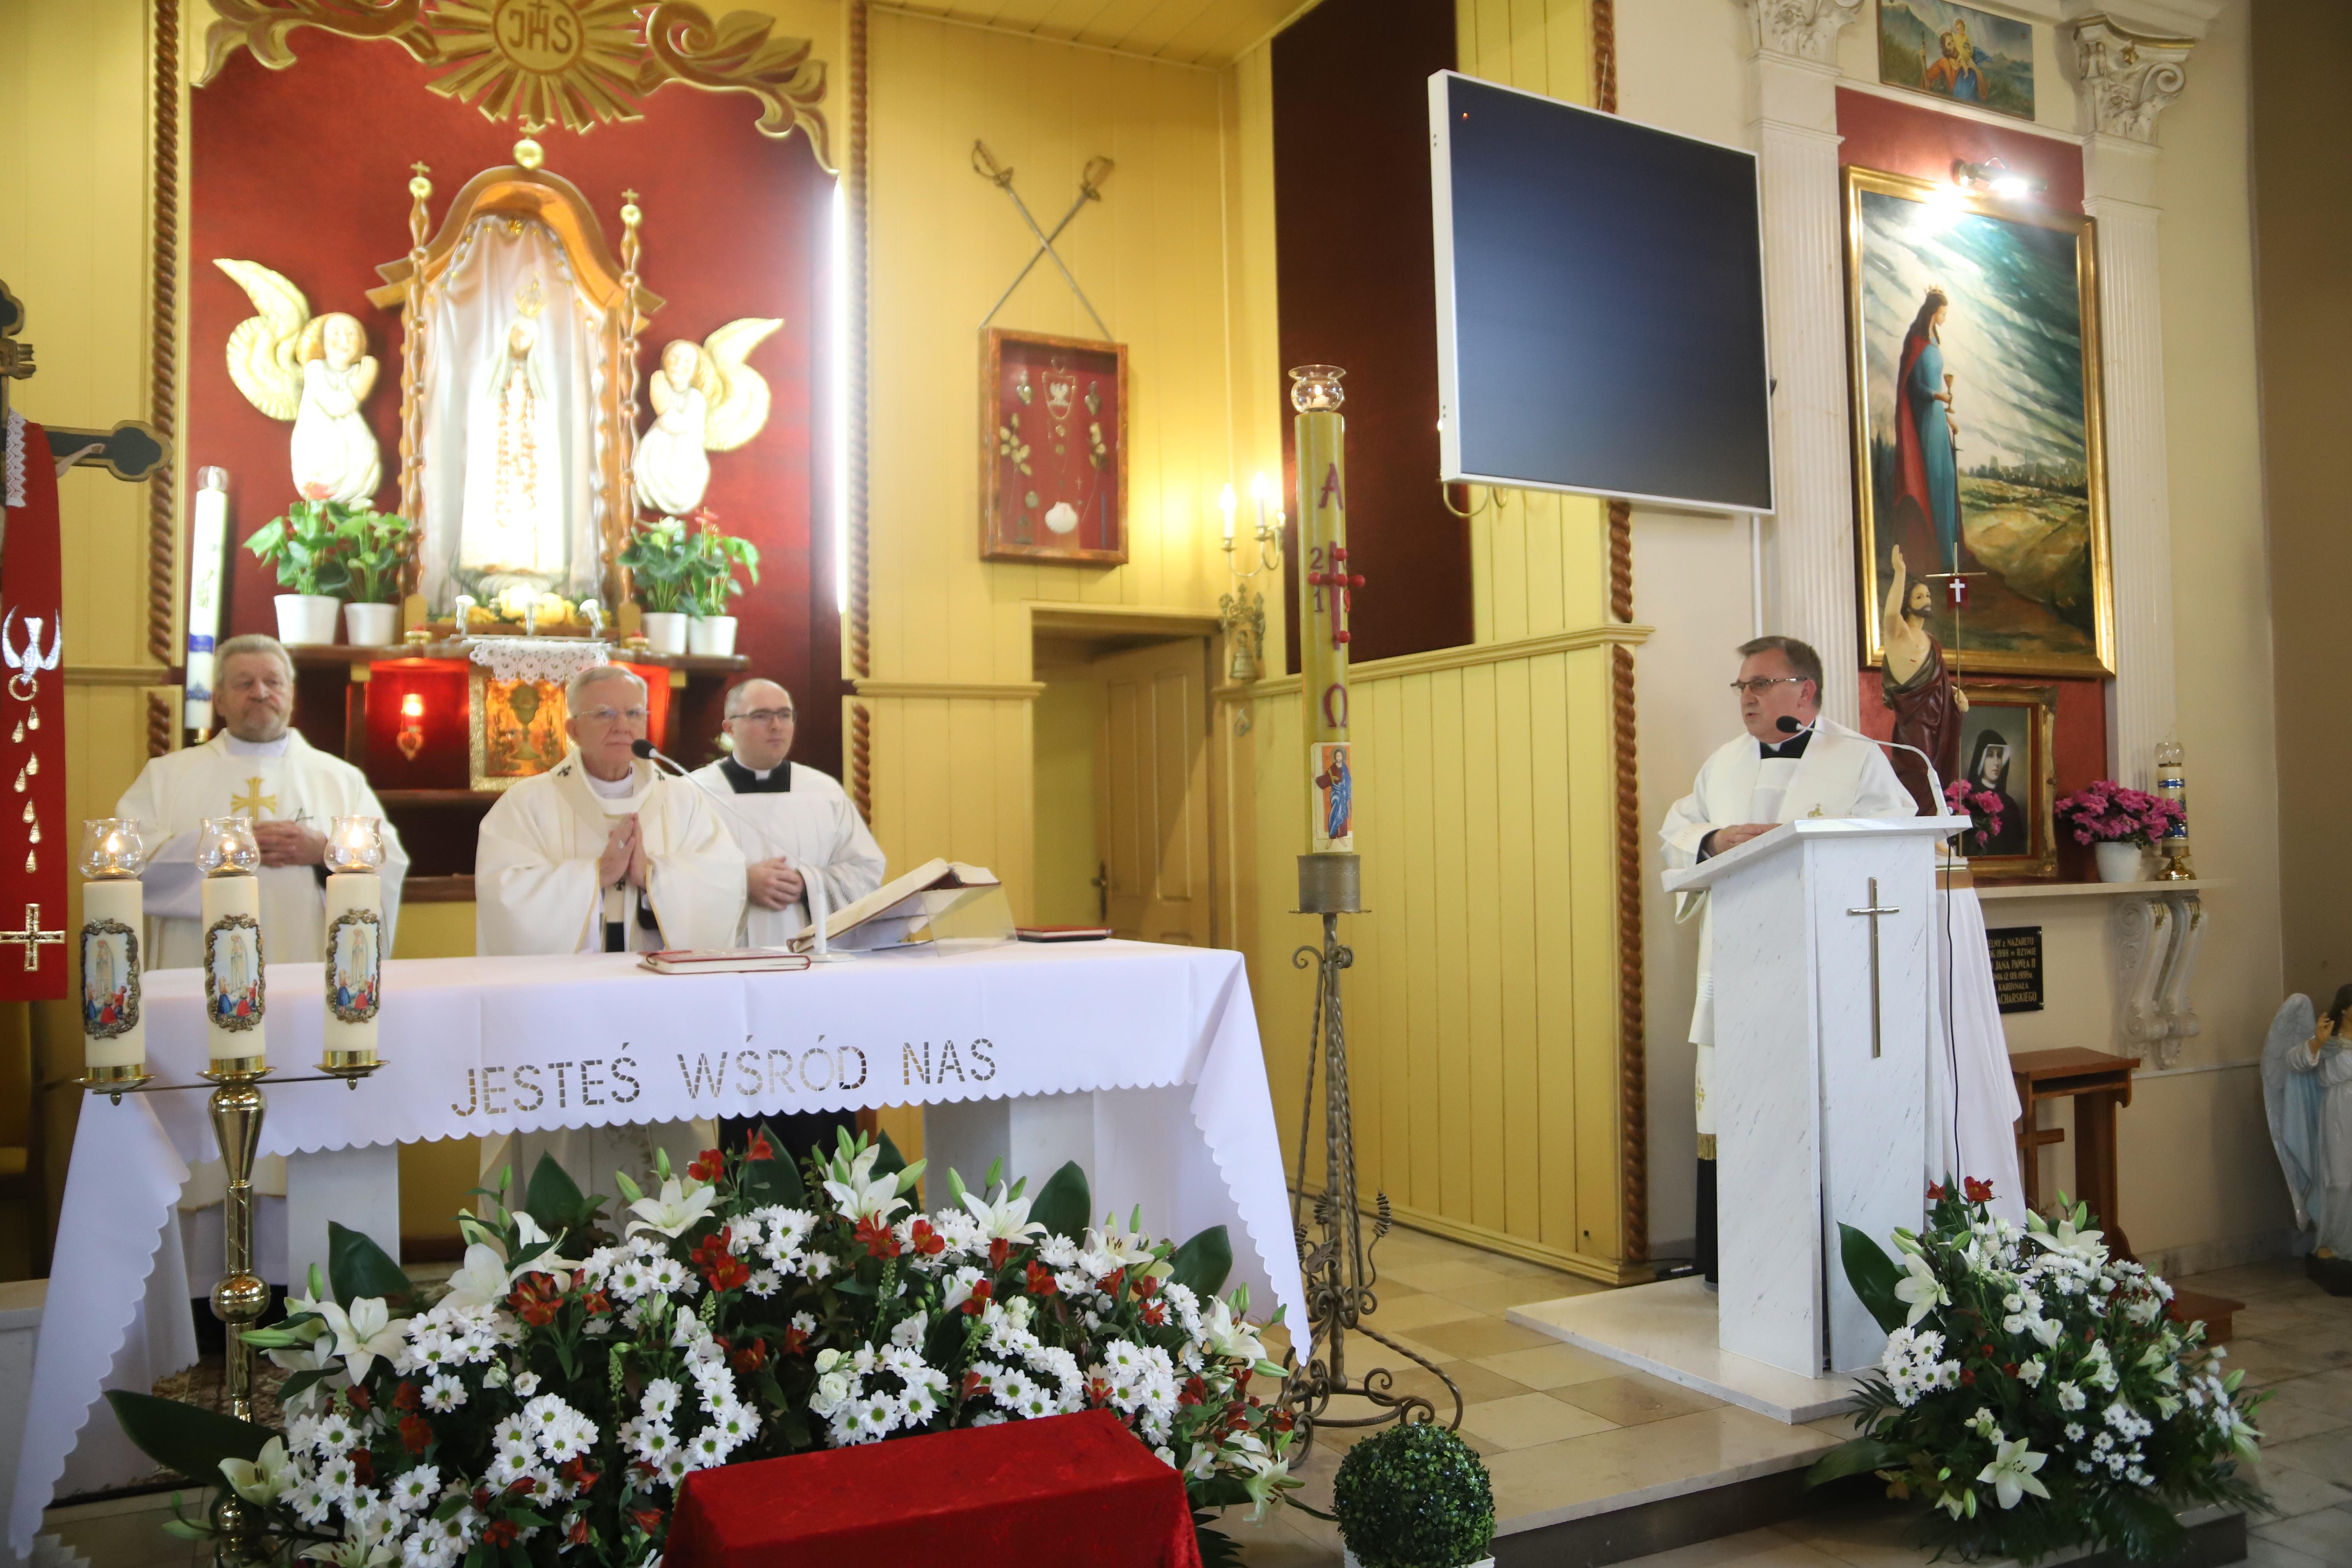 Otwórzcie się na dary Ducha Świętego! Bierzmowanie w kościele rektoralnym Matki Bożej Fatimskiej w Jankowicach.